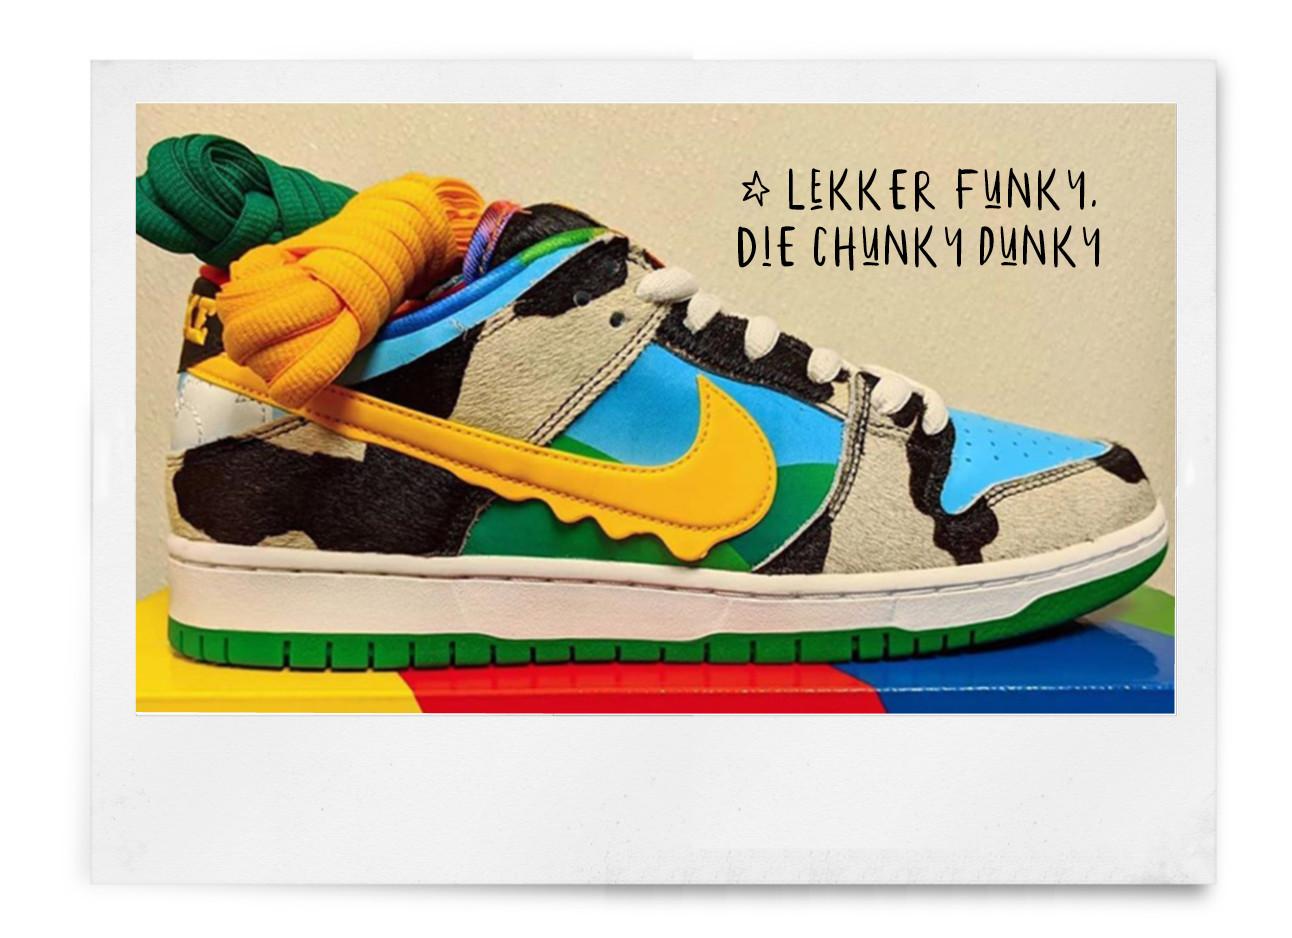 Wil je hebben: Nike komt met een Ben & Jerry's-sneaker